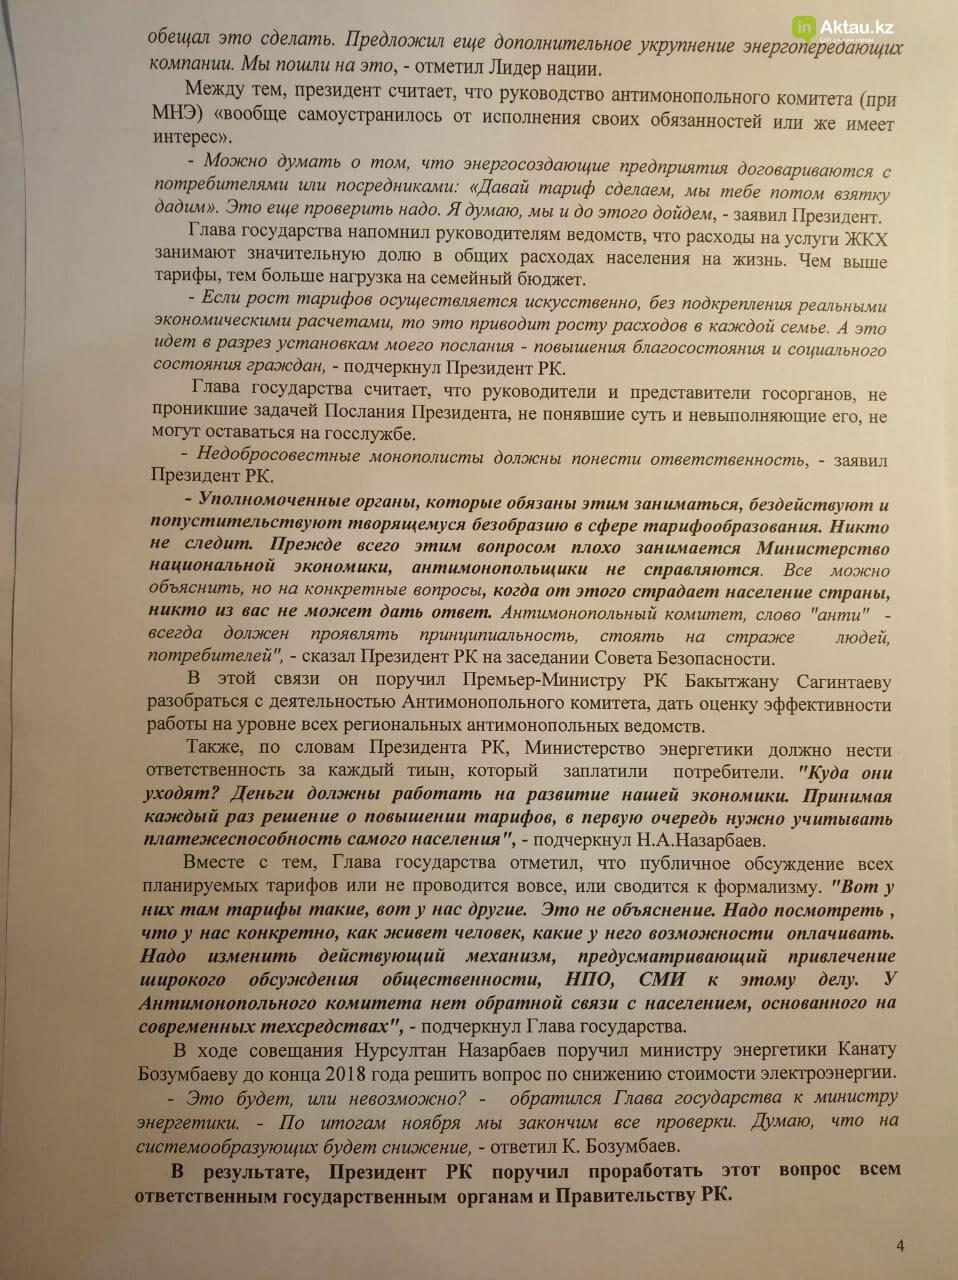 Открытое письмо Президенту написали актаусцы  по поводу новых тарифов на электроэнергию, фото-4